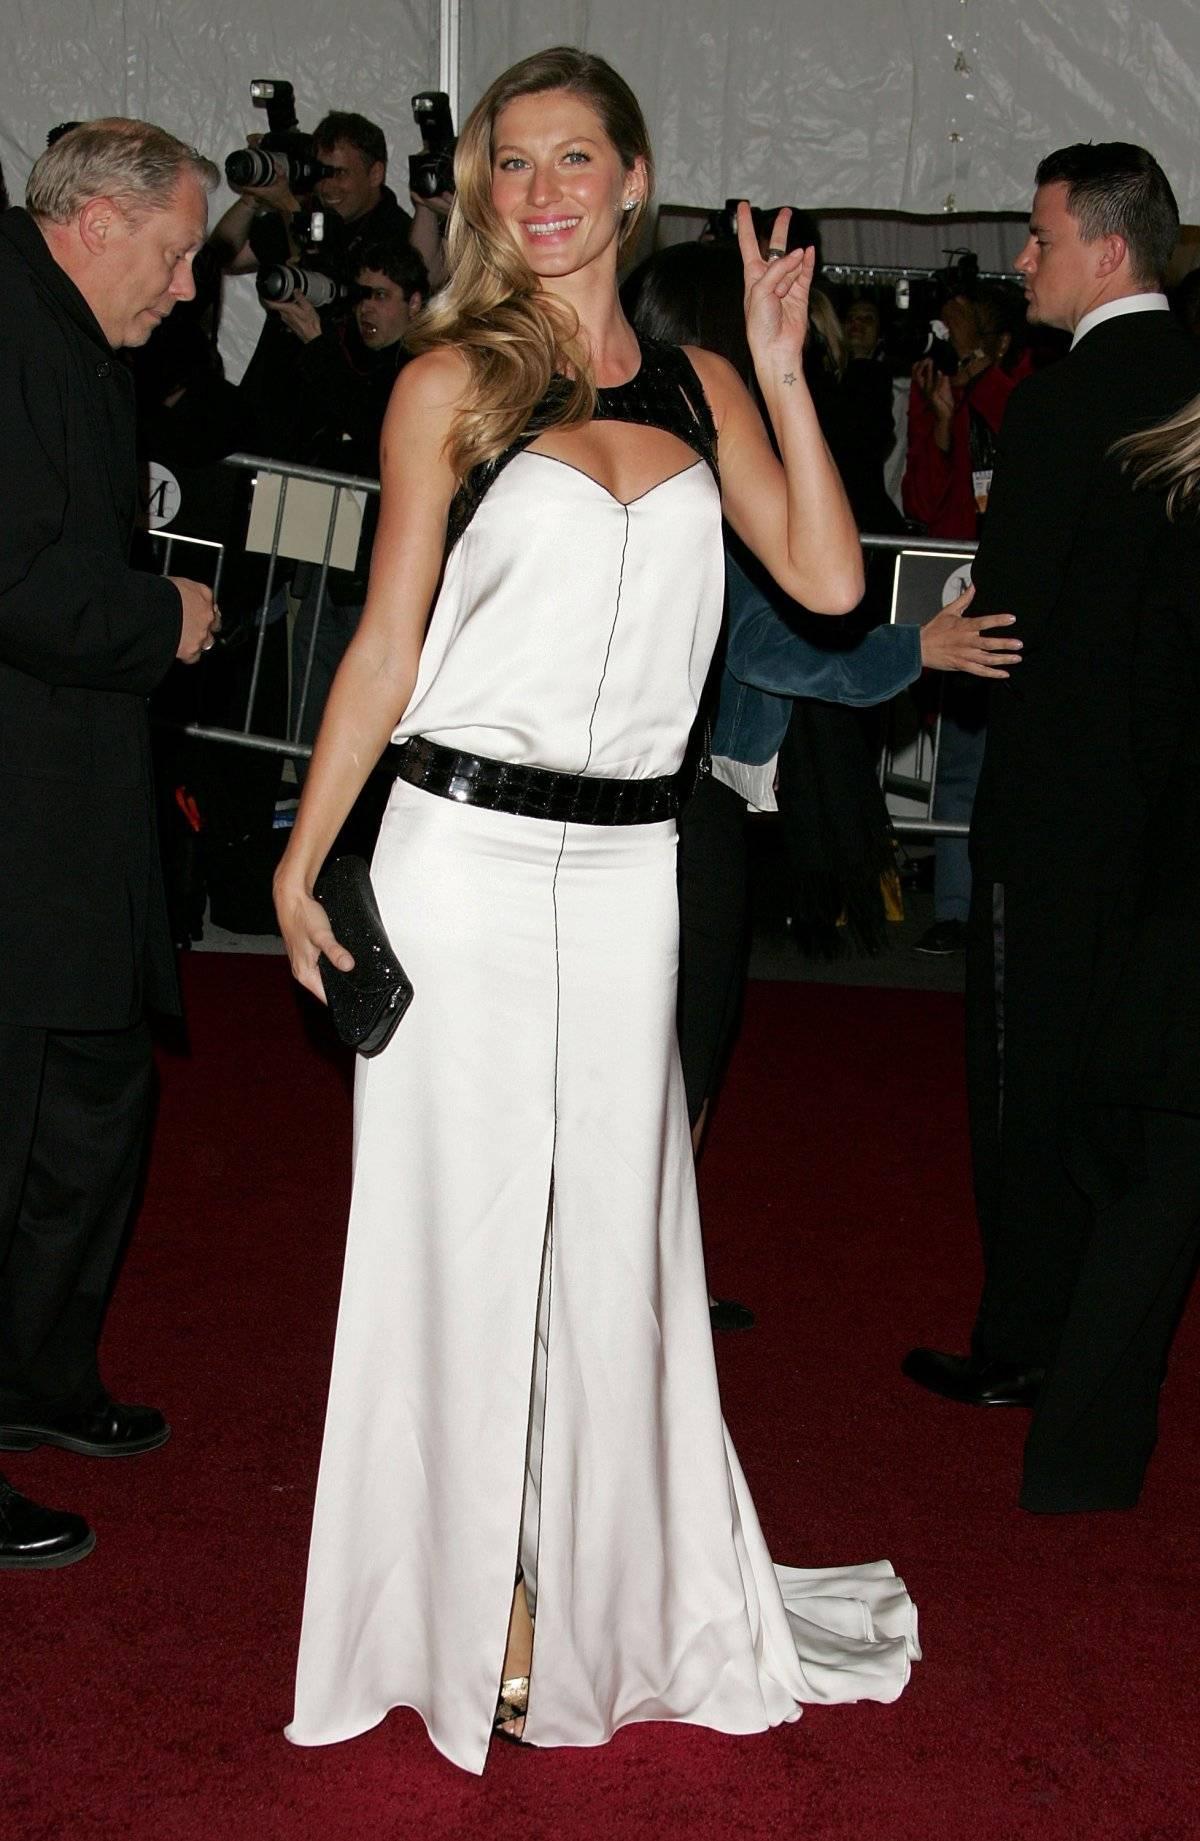 Gisele Bundchen Met Gala 2007